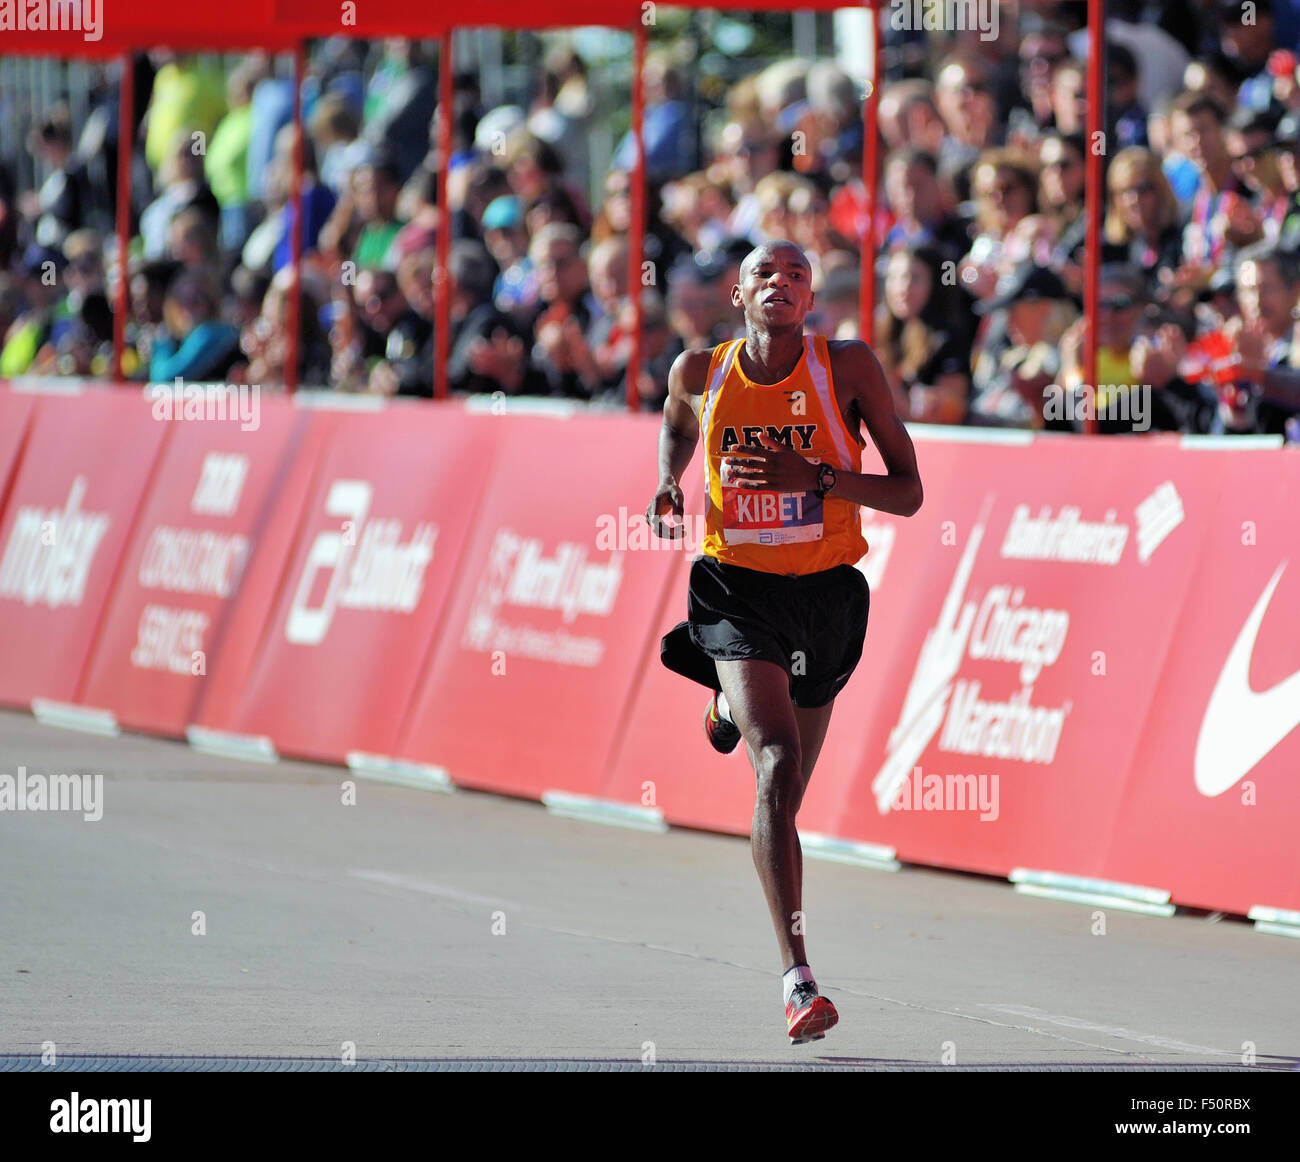 Elkana Kibet des États-Unis s'approche de la ligne d'arrivée du Marathon de Chicago 2015. Chicago, Photo Stock